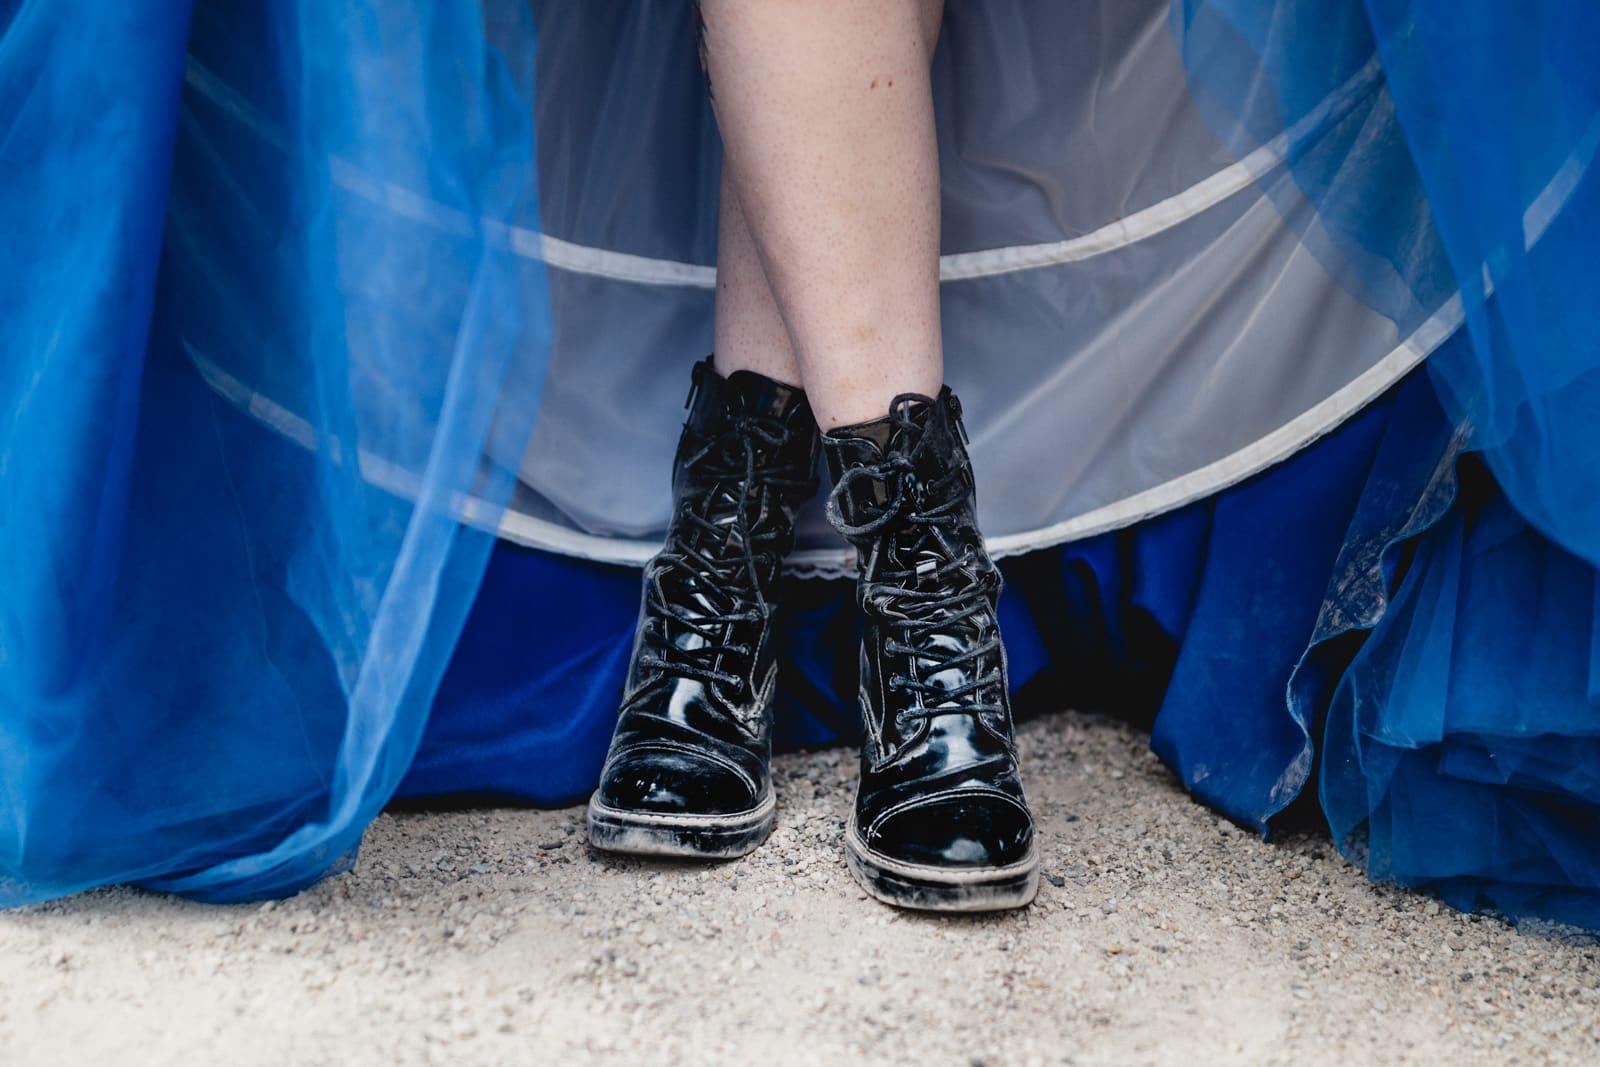 Braut in blau und ihre schwarzen Stiefel auf der Mathildenhöhe in Darmstadt